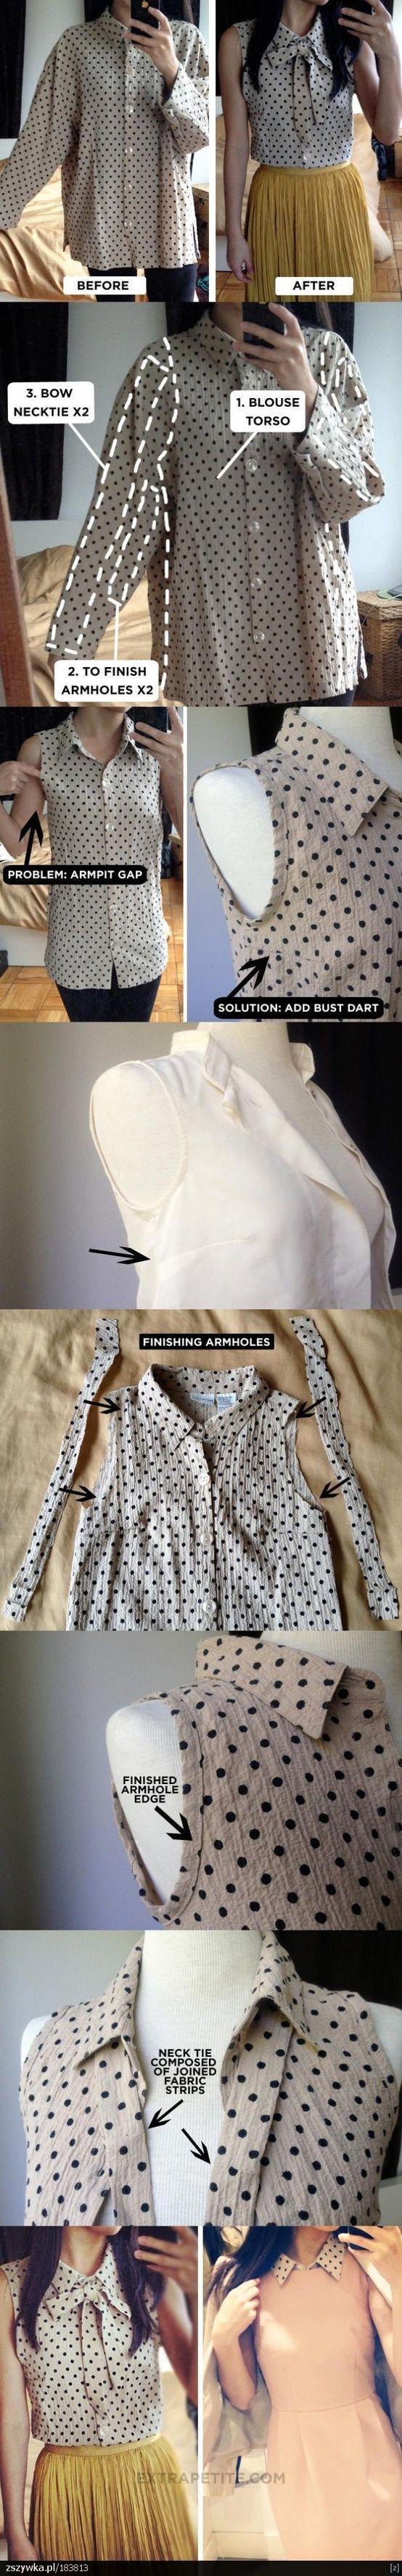 Drab to Fab shirt tutorial: